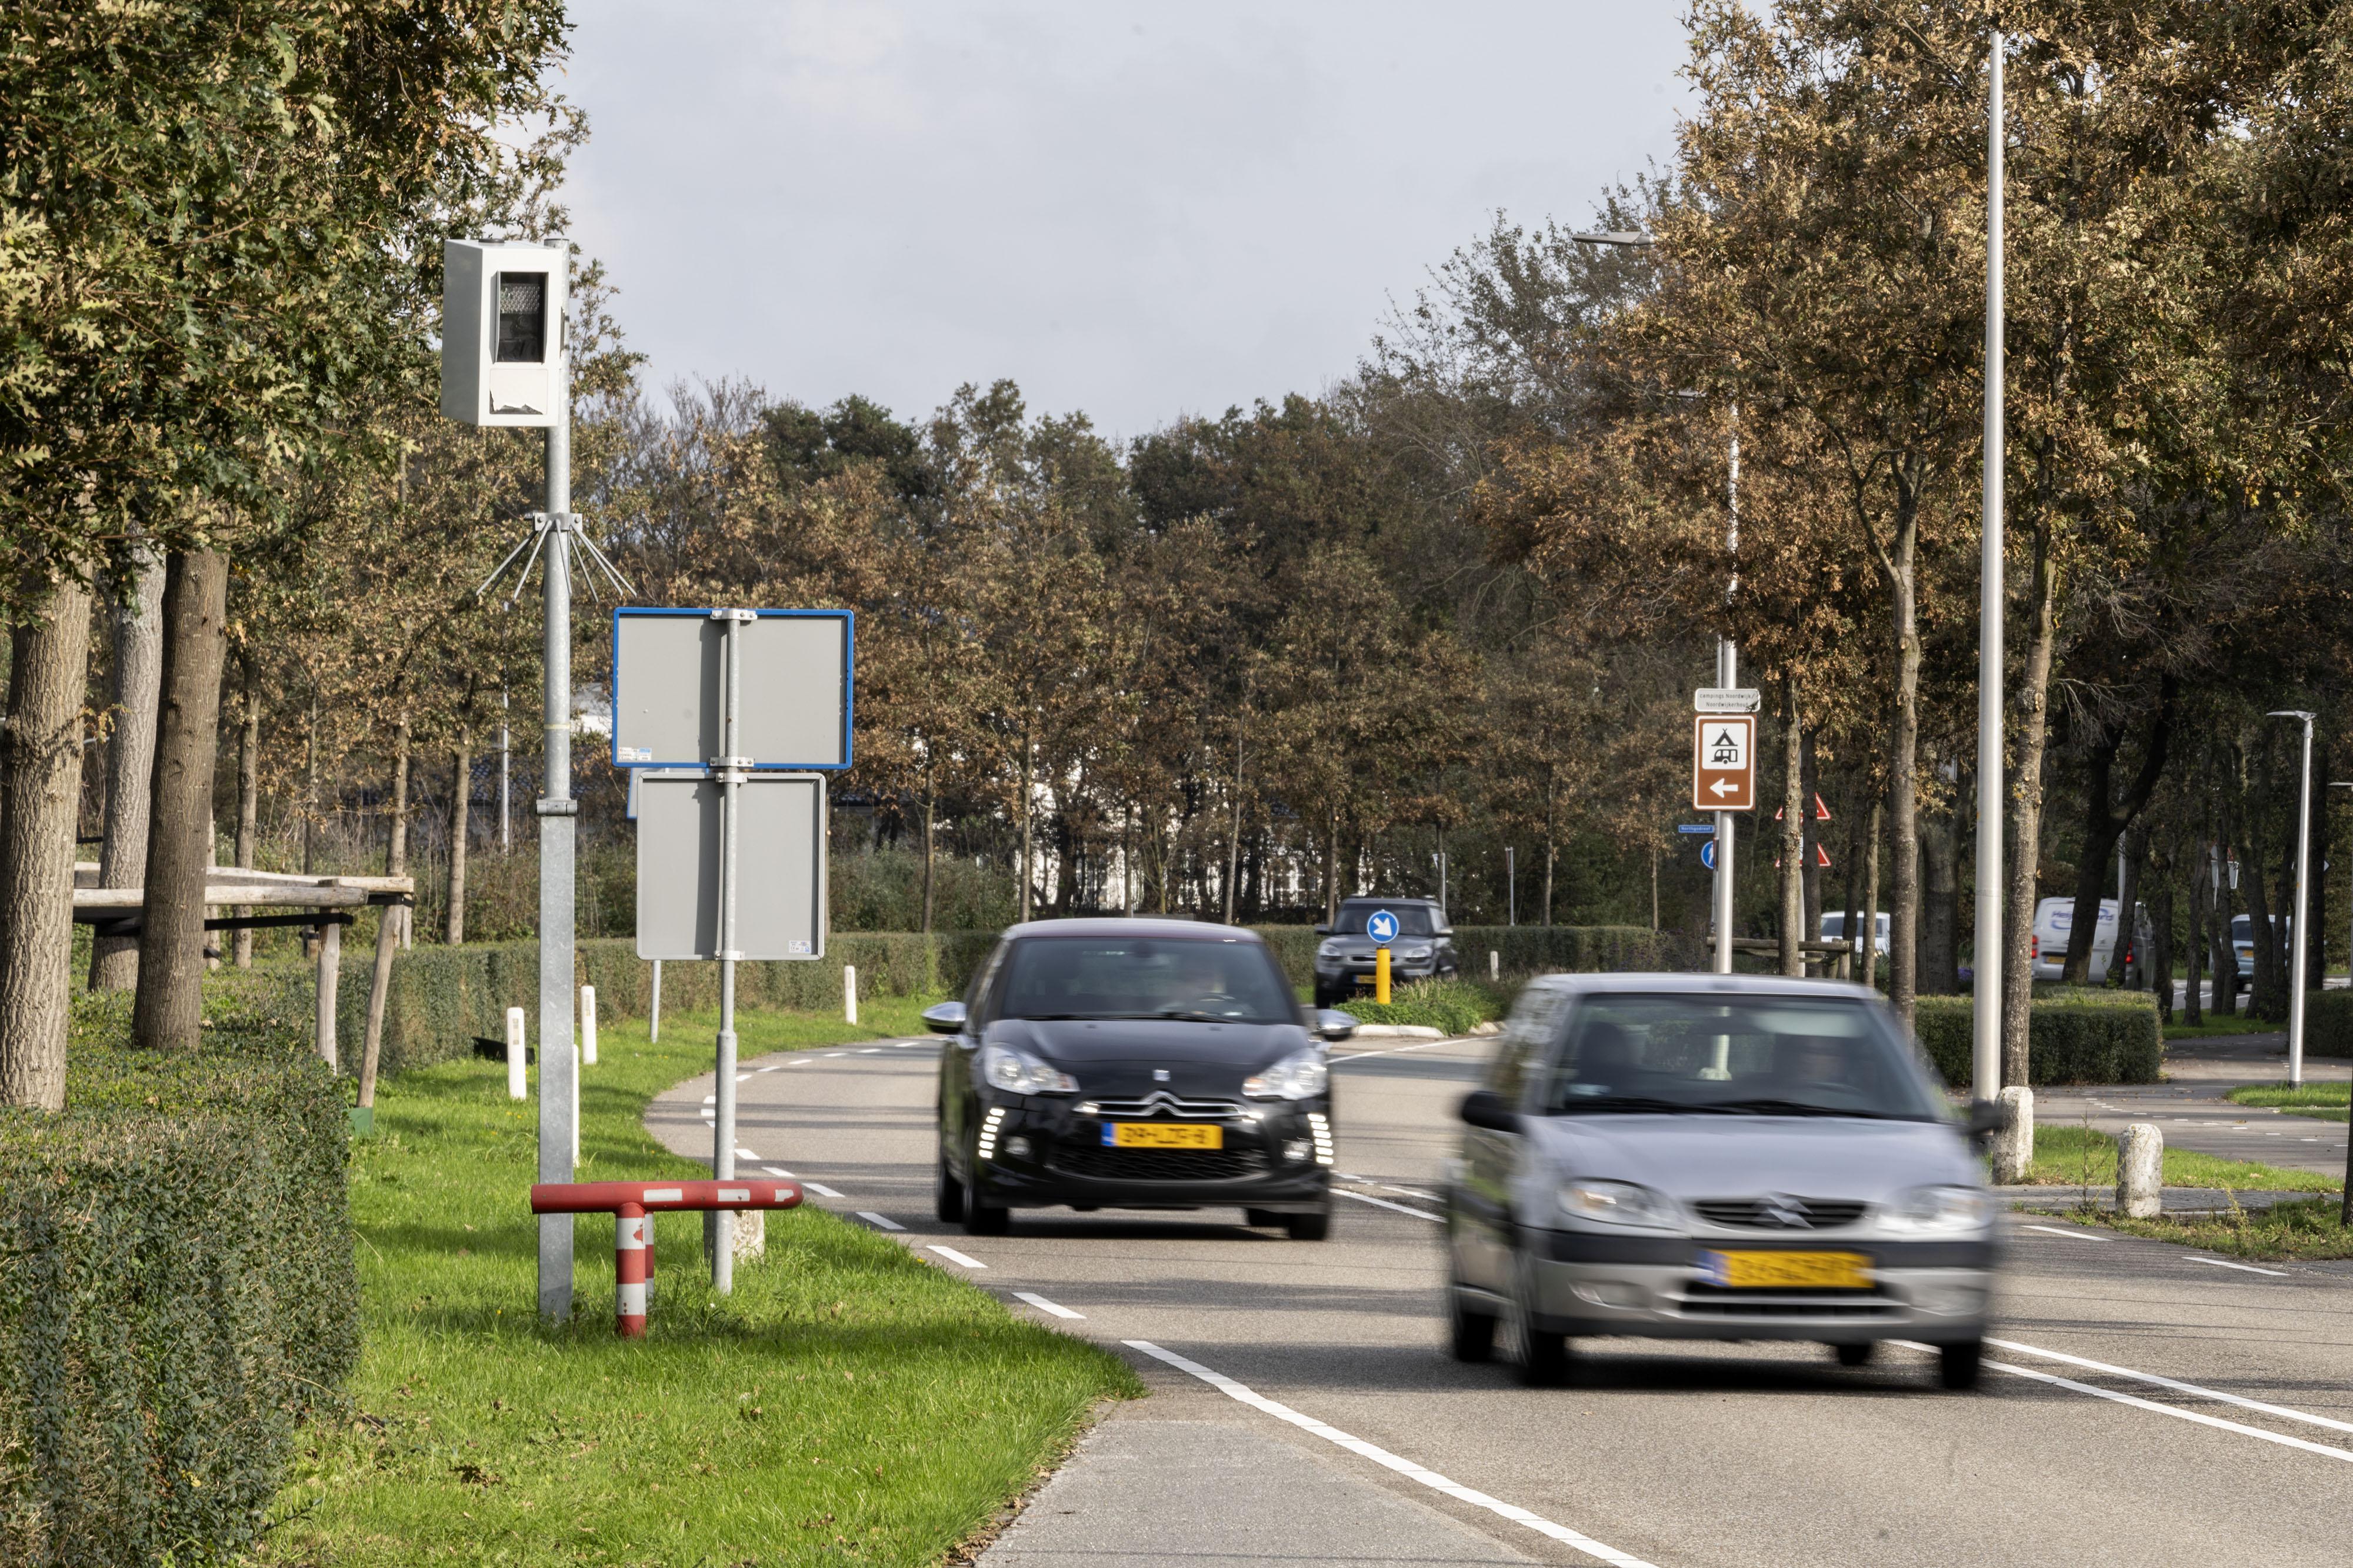 'Lage' Gooweg moet veiliger worden, vindt Noordwijkse gemeenteraad